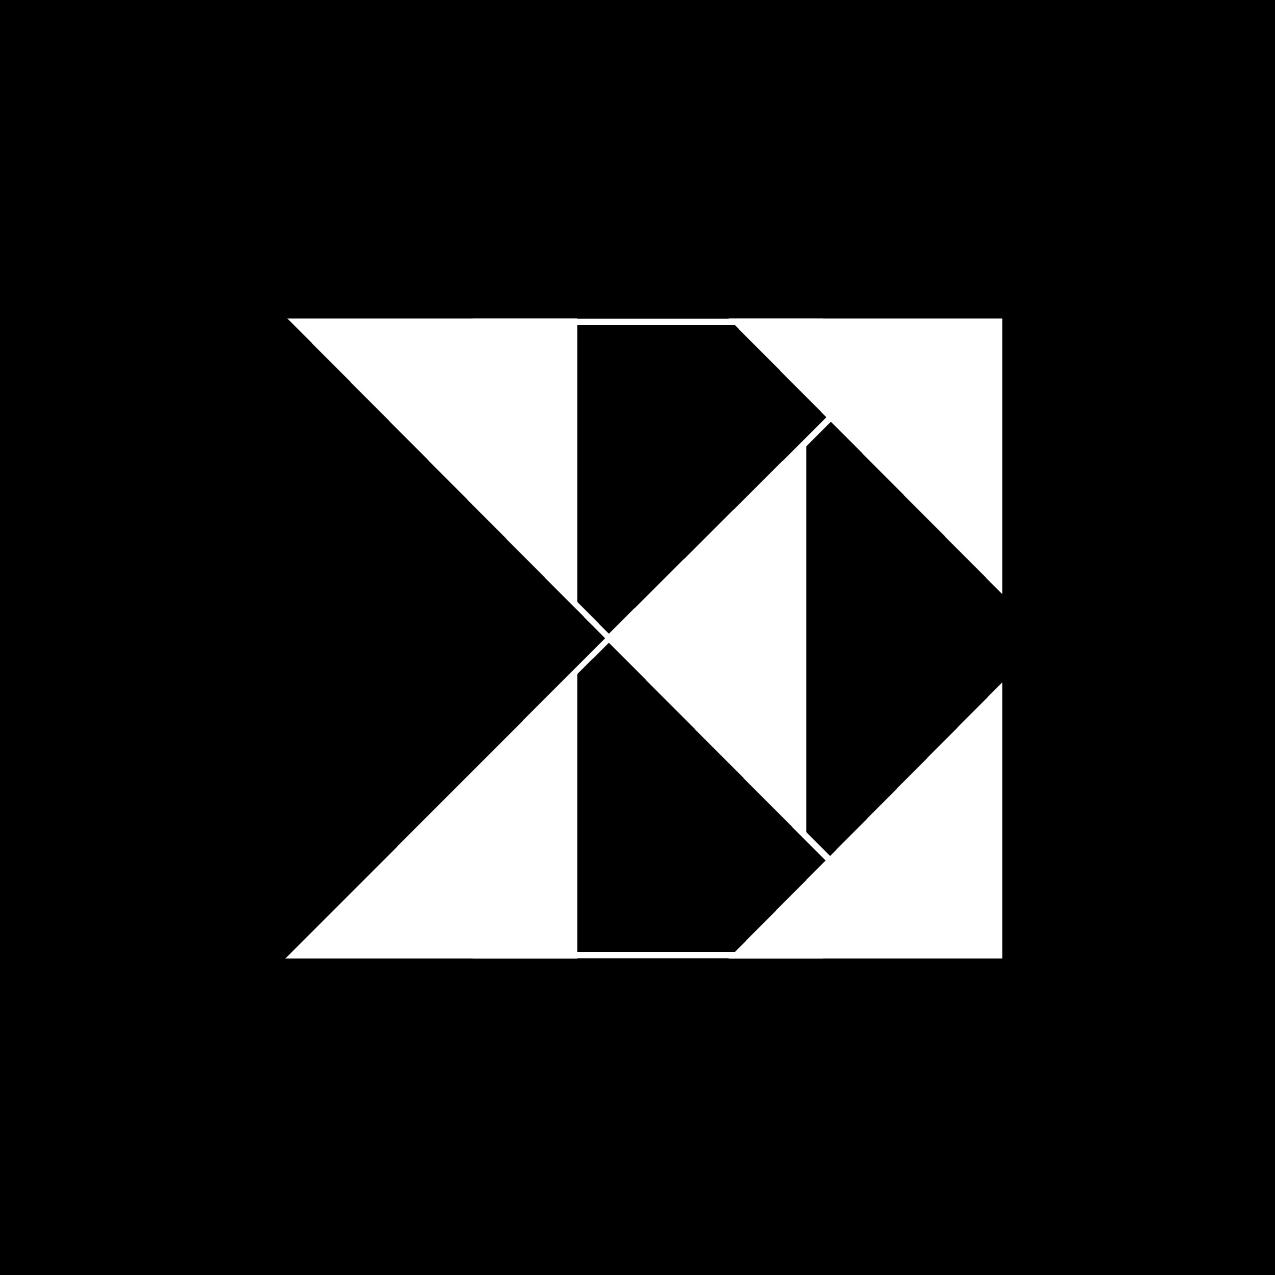 Letter E11 design by Furia